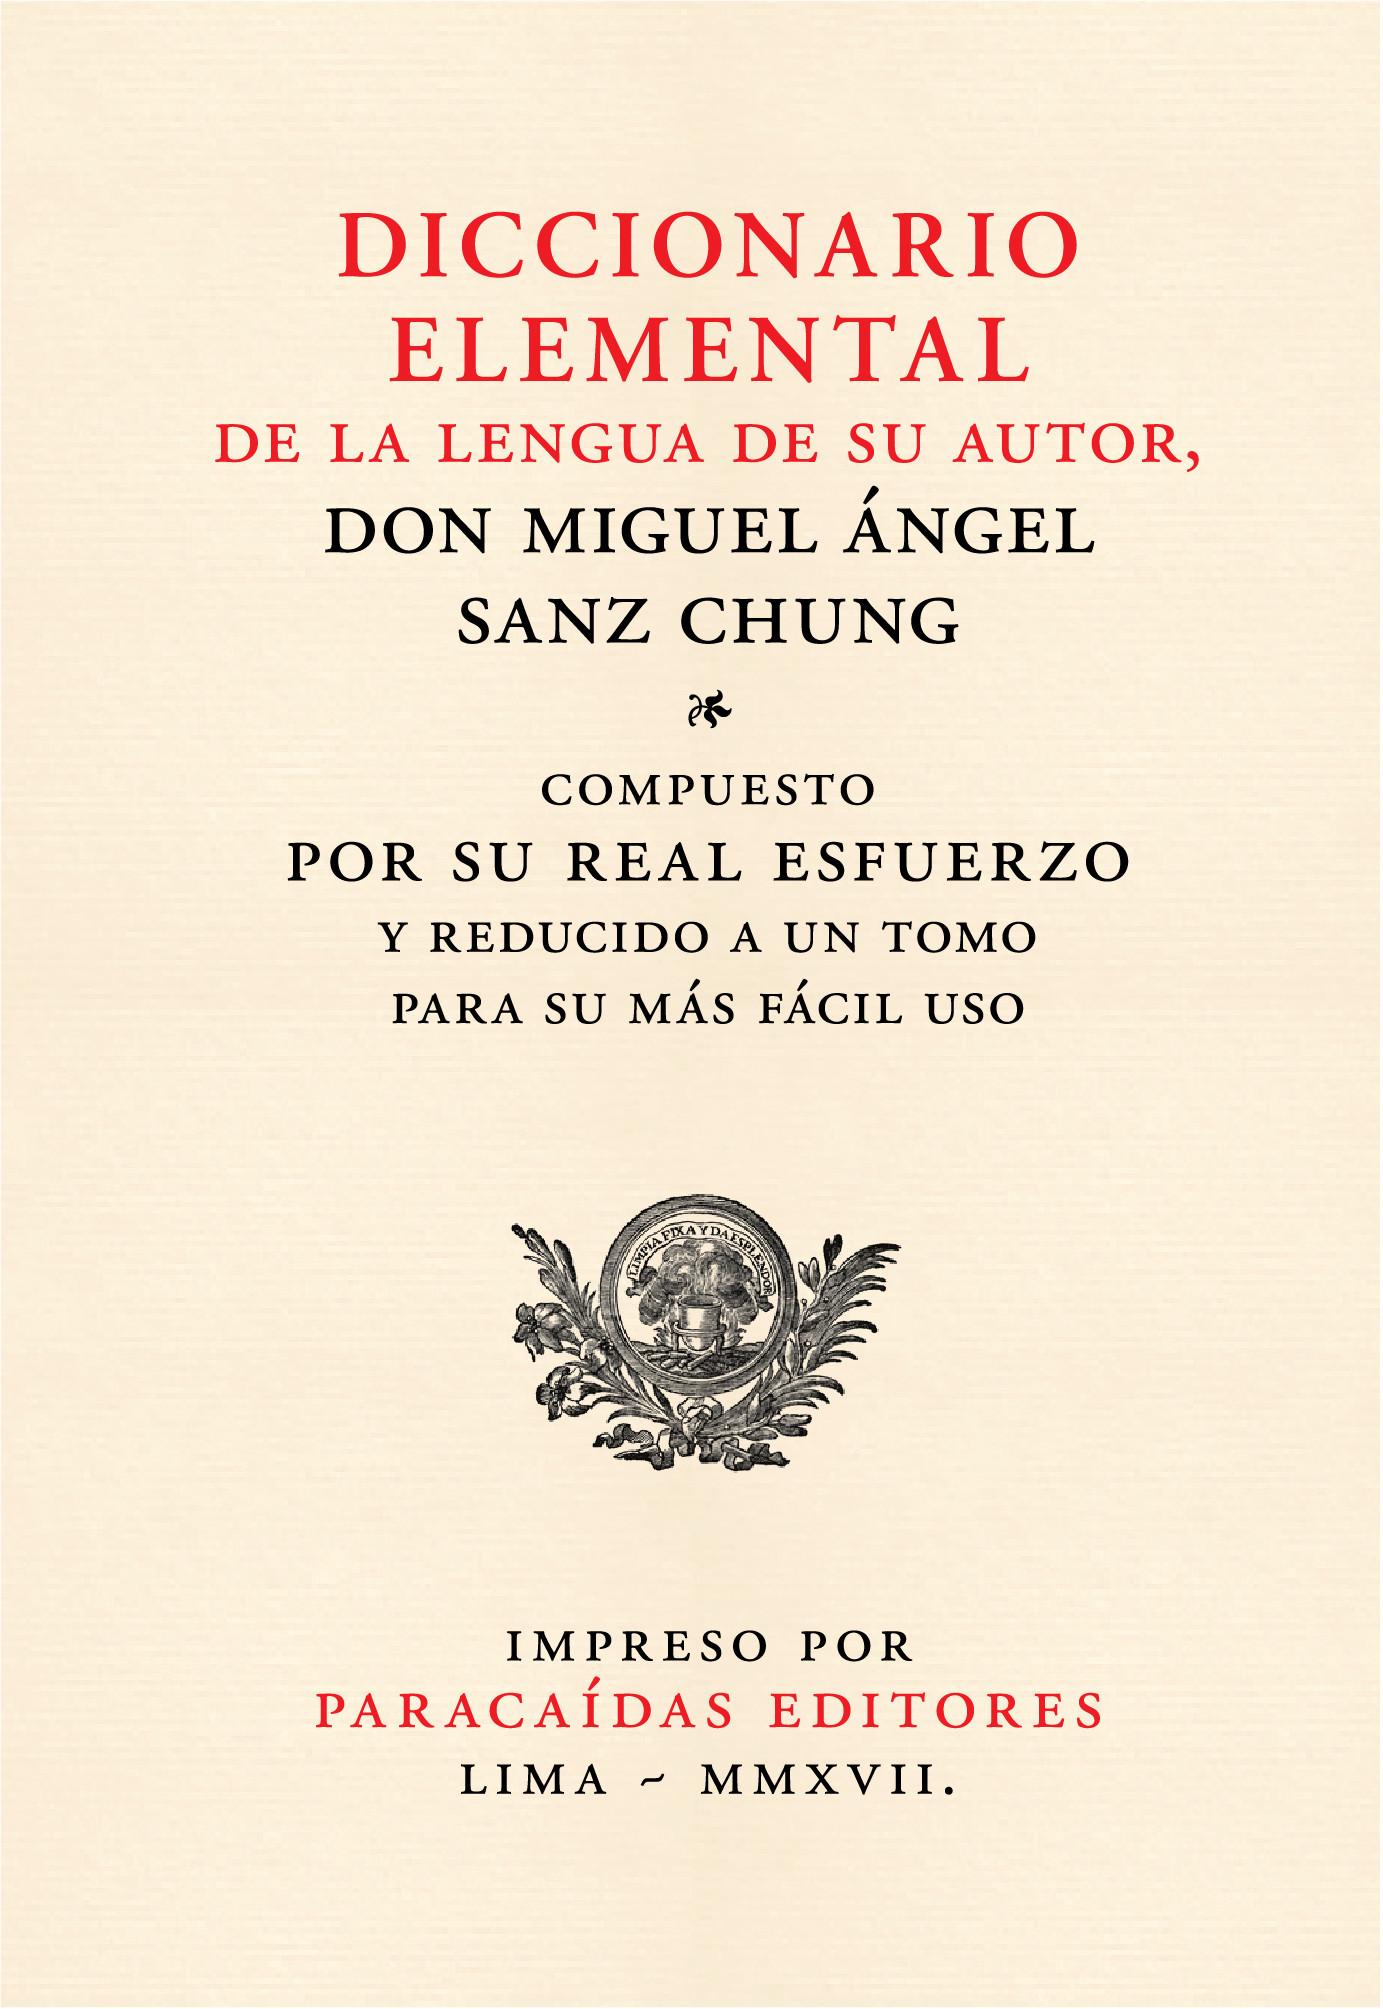 Diccionario elemental de la lengua de su autor